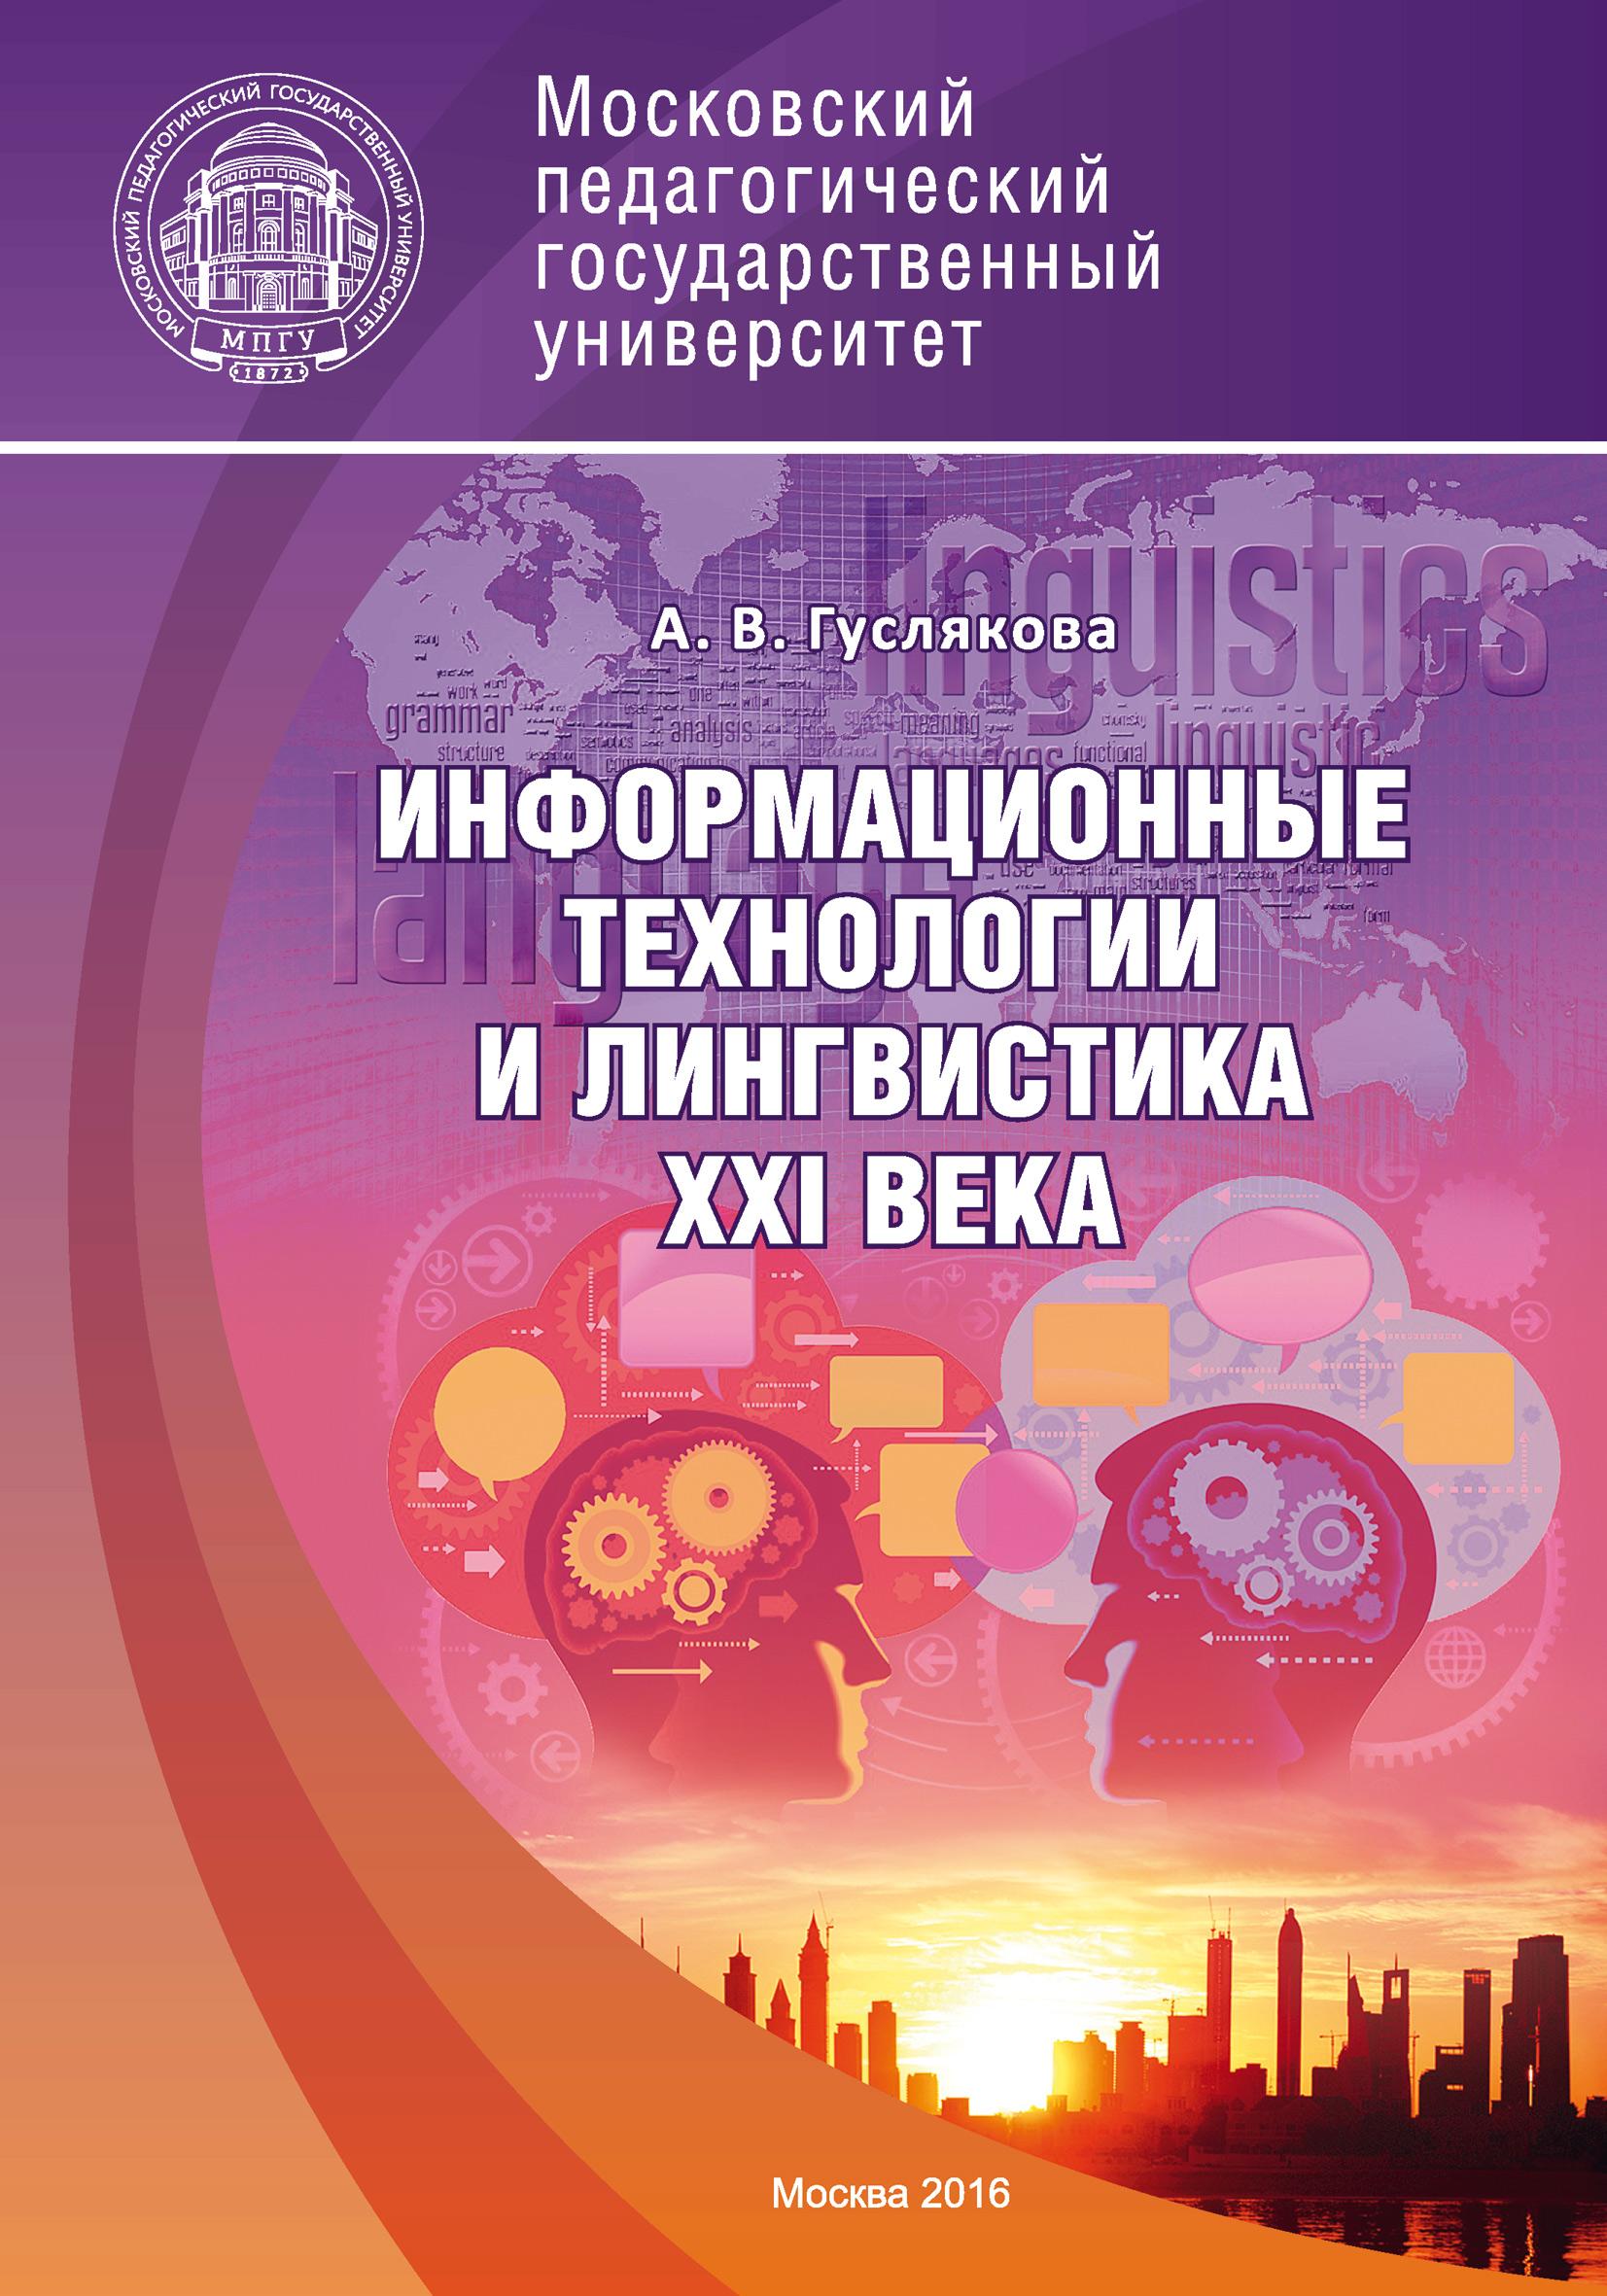 Информационные технологии и лингвистика XXI века